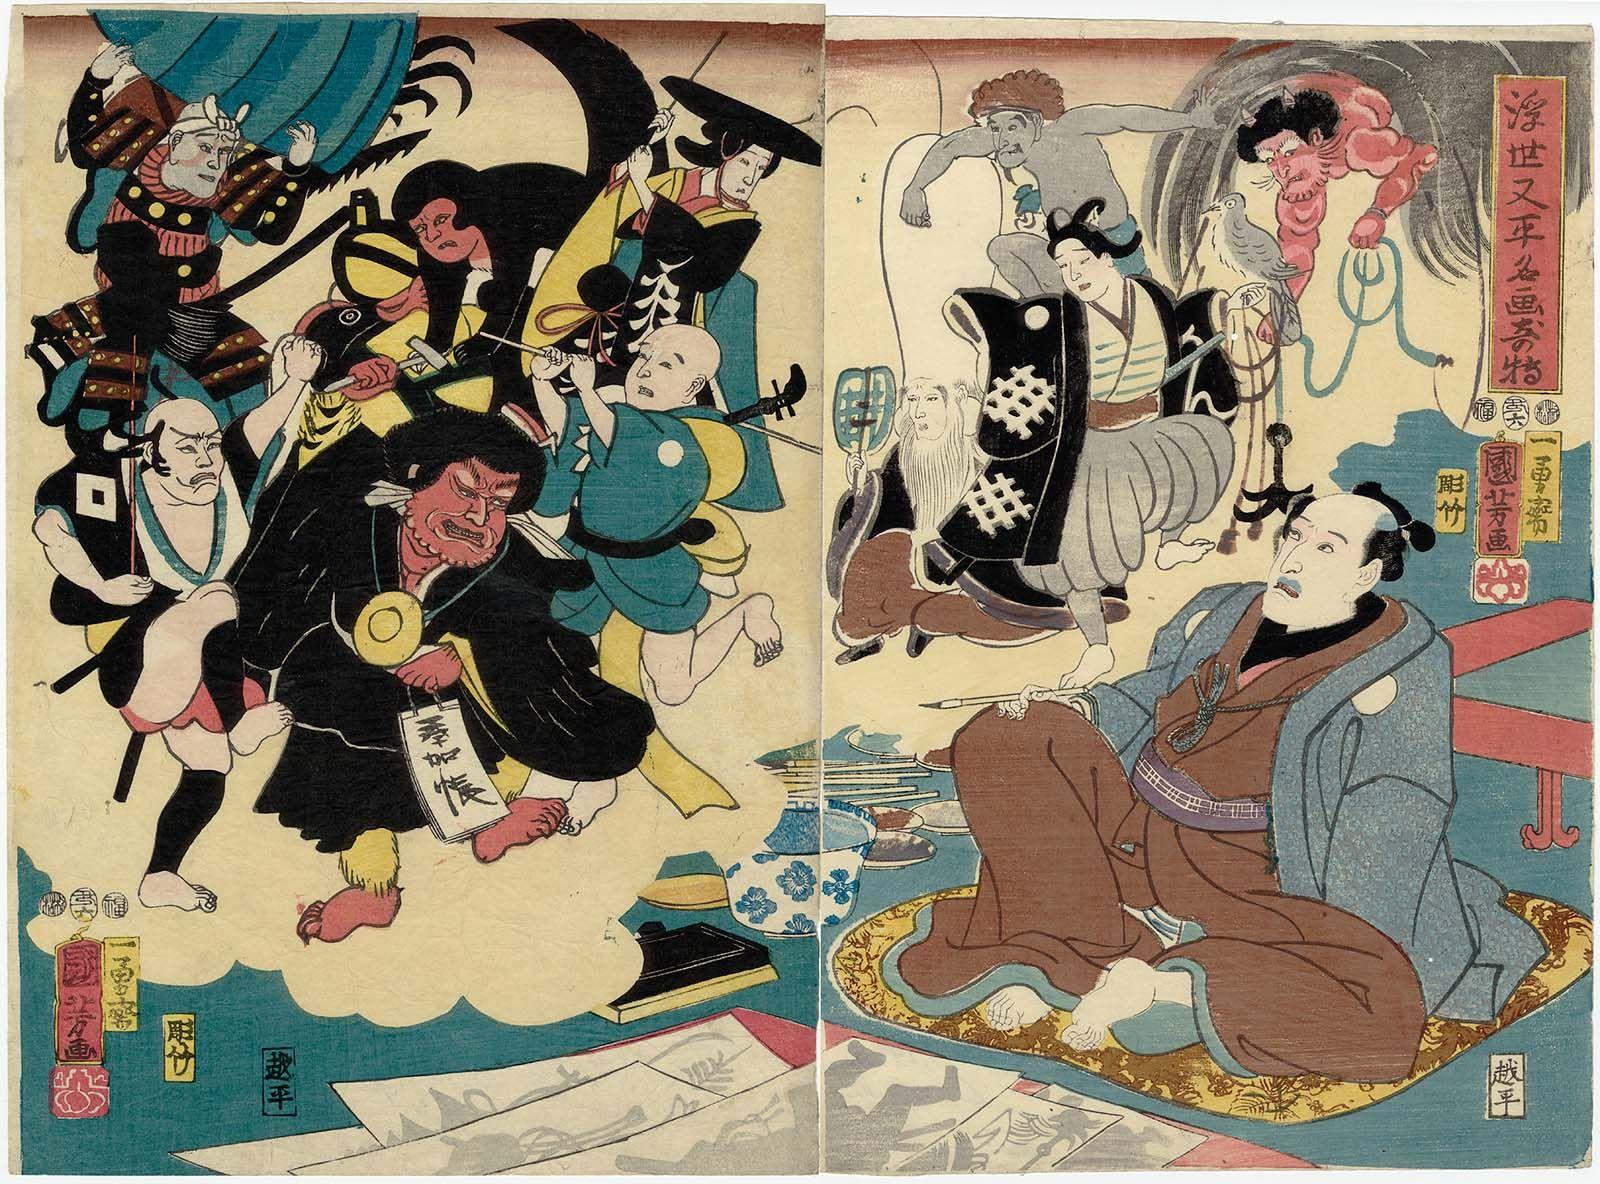 Miraculous Paintings By Ukiyo Matabei Ukiyo Matabei Meiga Kitoku Ukiyoe Japanese Prints